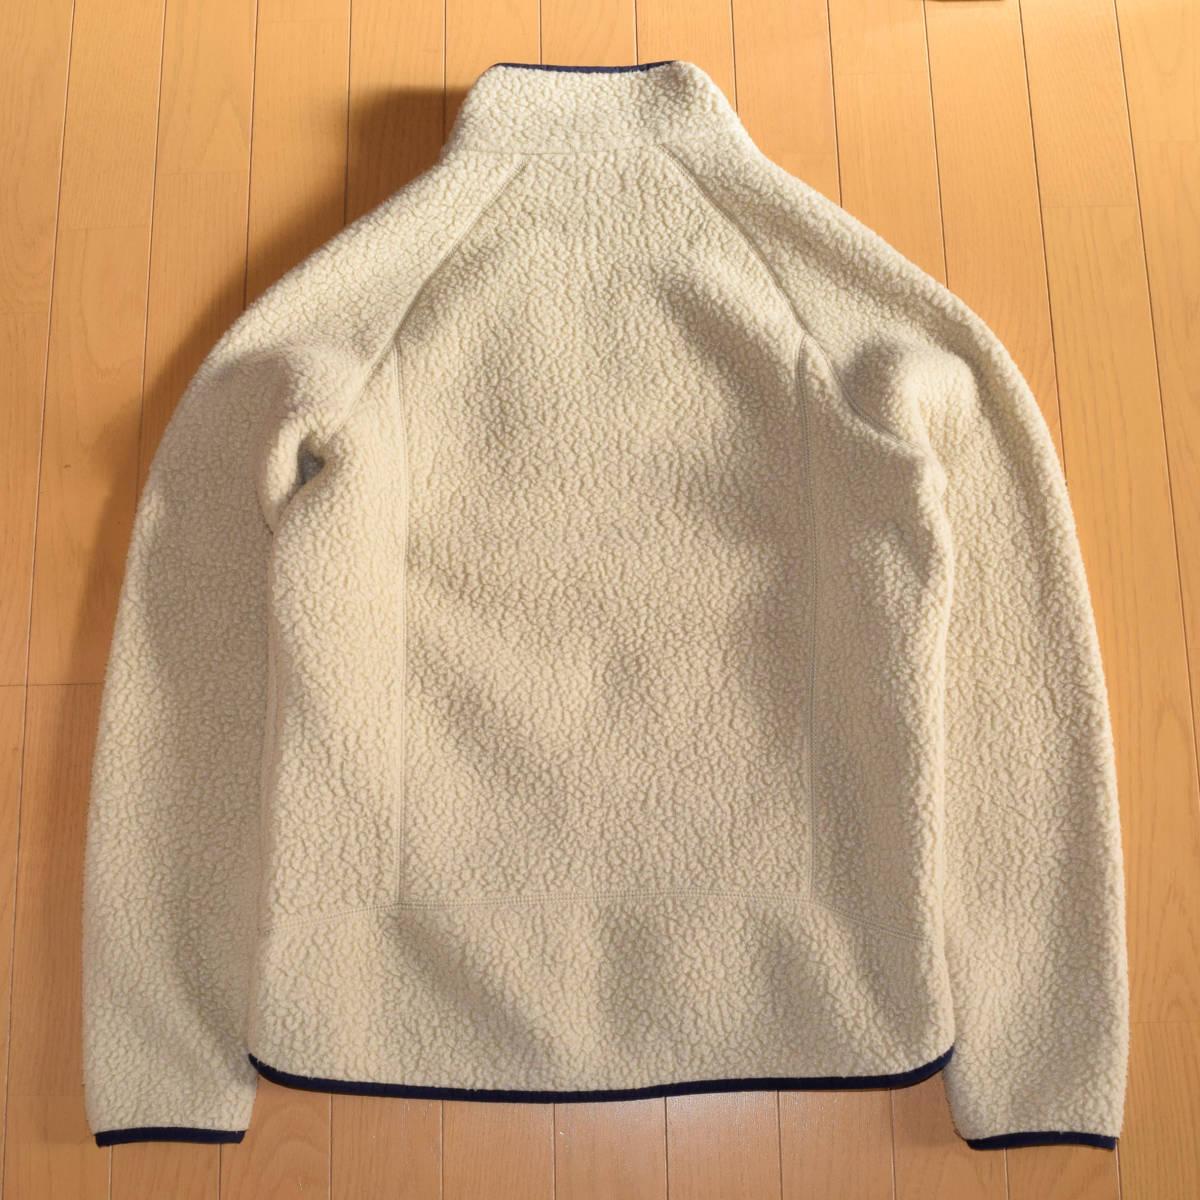 美品!人気カラー patagonia パタゴニア MEN'S retro pile jacket M サイズ レトロパイル ジャケット レトロX 希少カラー _画像9